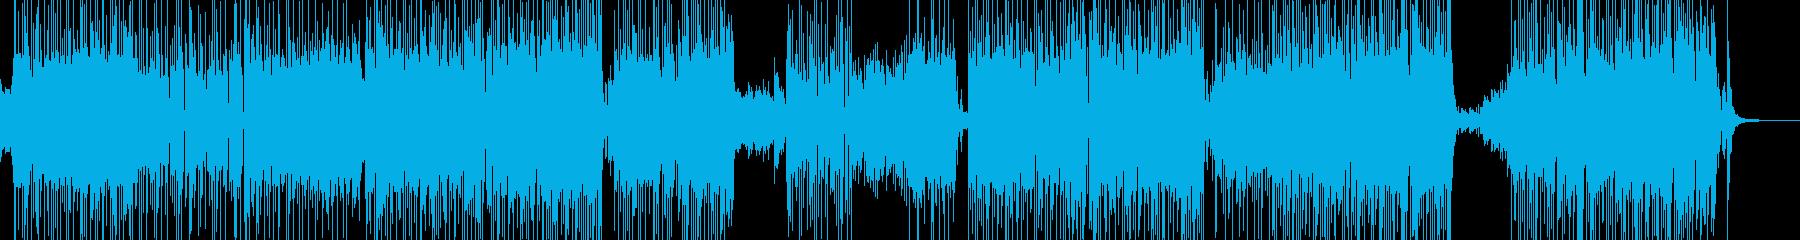 胸キュン・メルヘンな映像に 長尺★の再生済みの波形